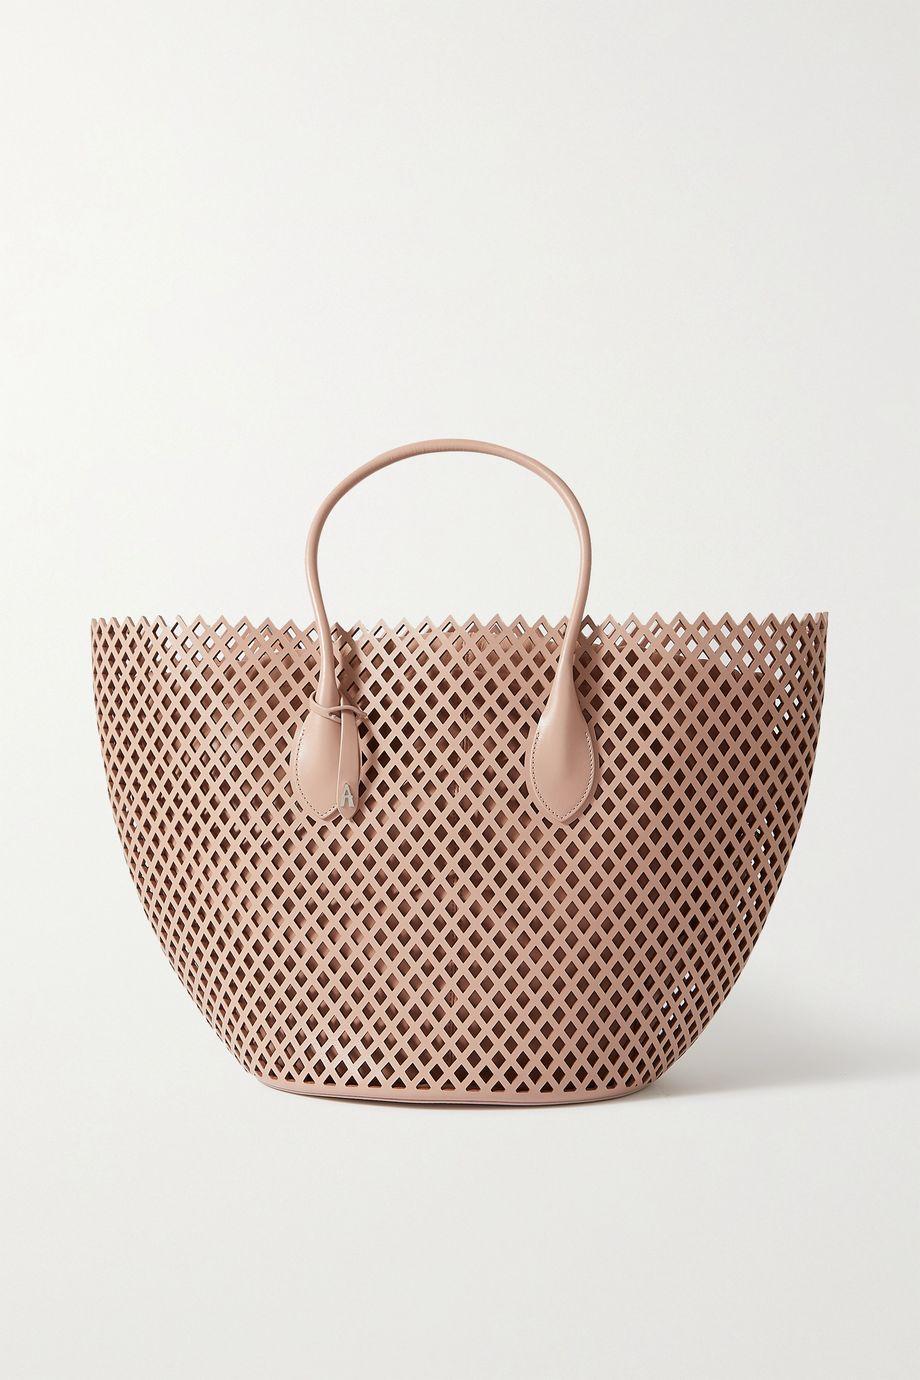 Alaïa Medium laser-cut leather tote